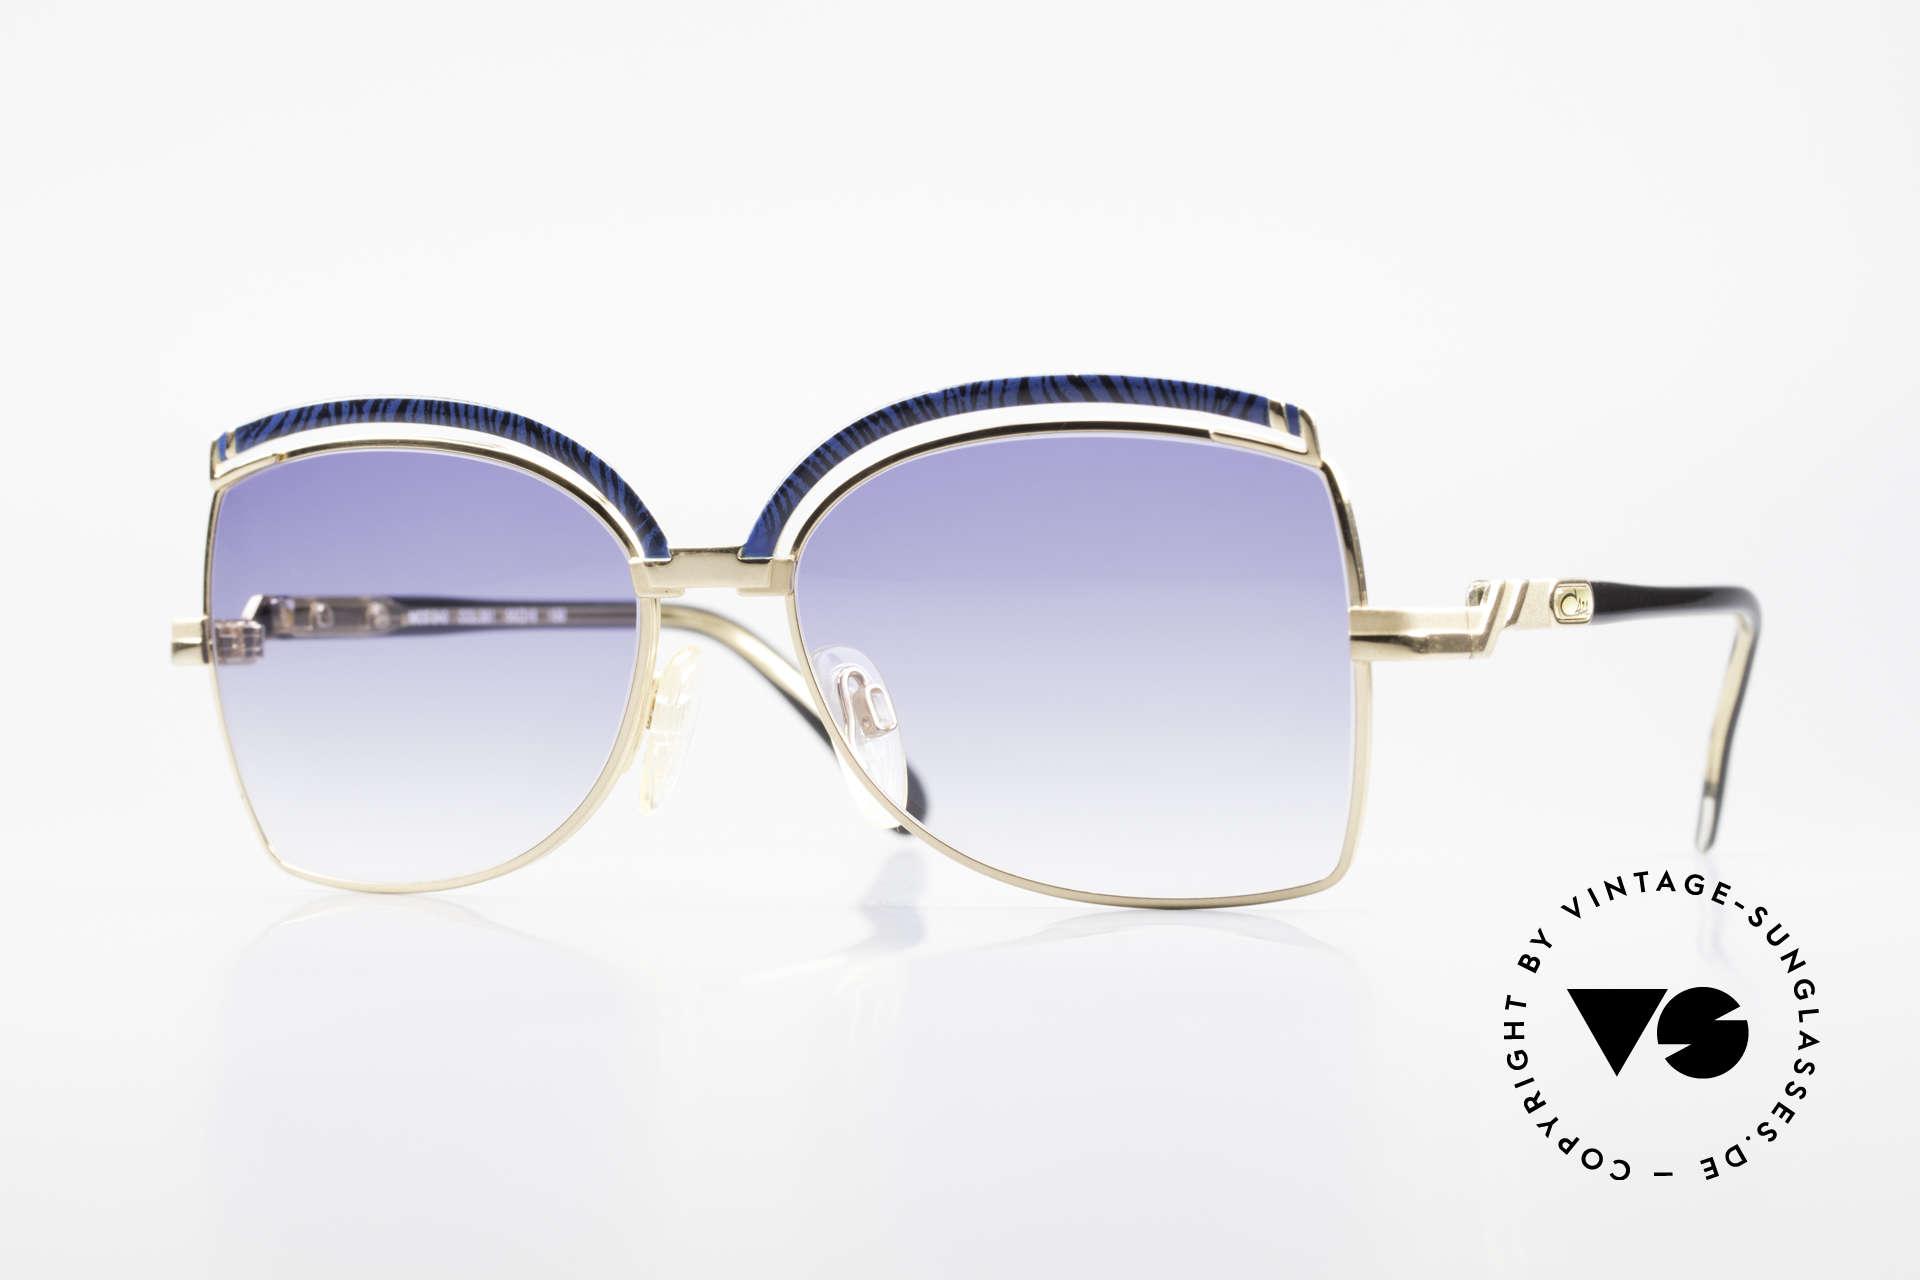 Cazal 240 90er Damen Sonnenbrille, feminine Cazal vintage Sonnenbrille von 1990, Passend für Damen